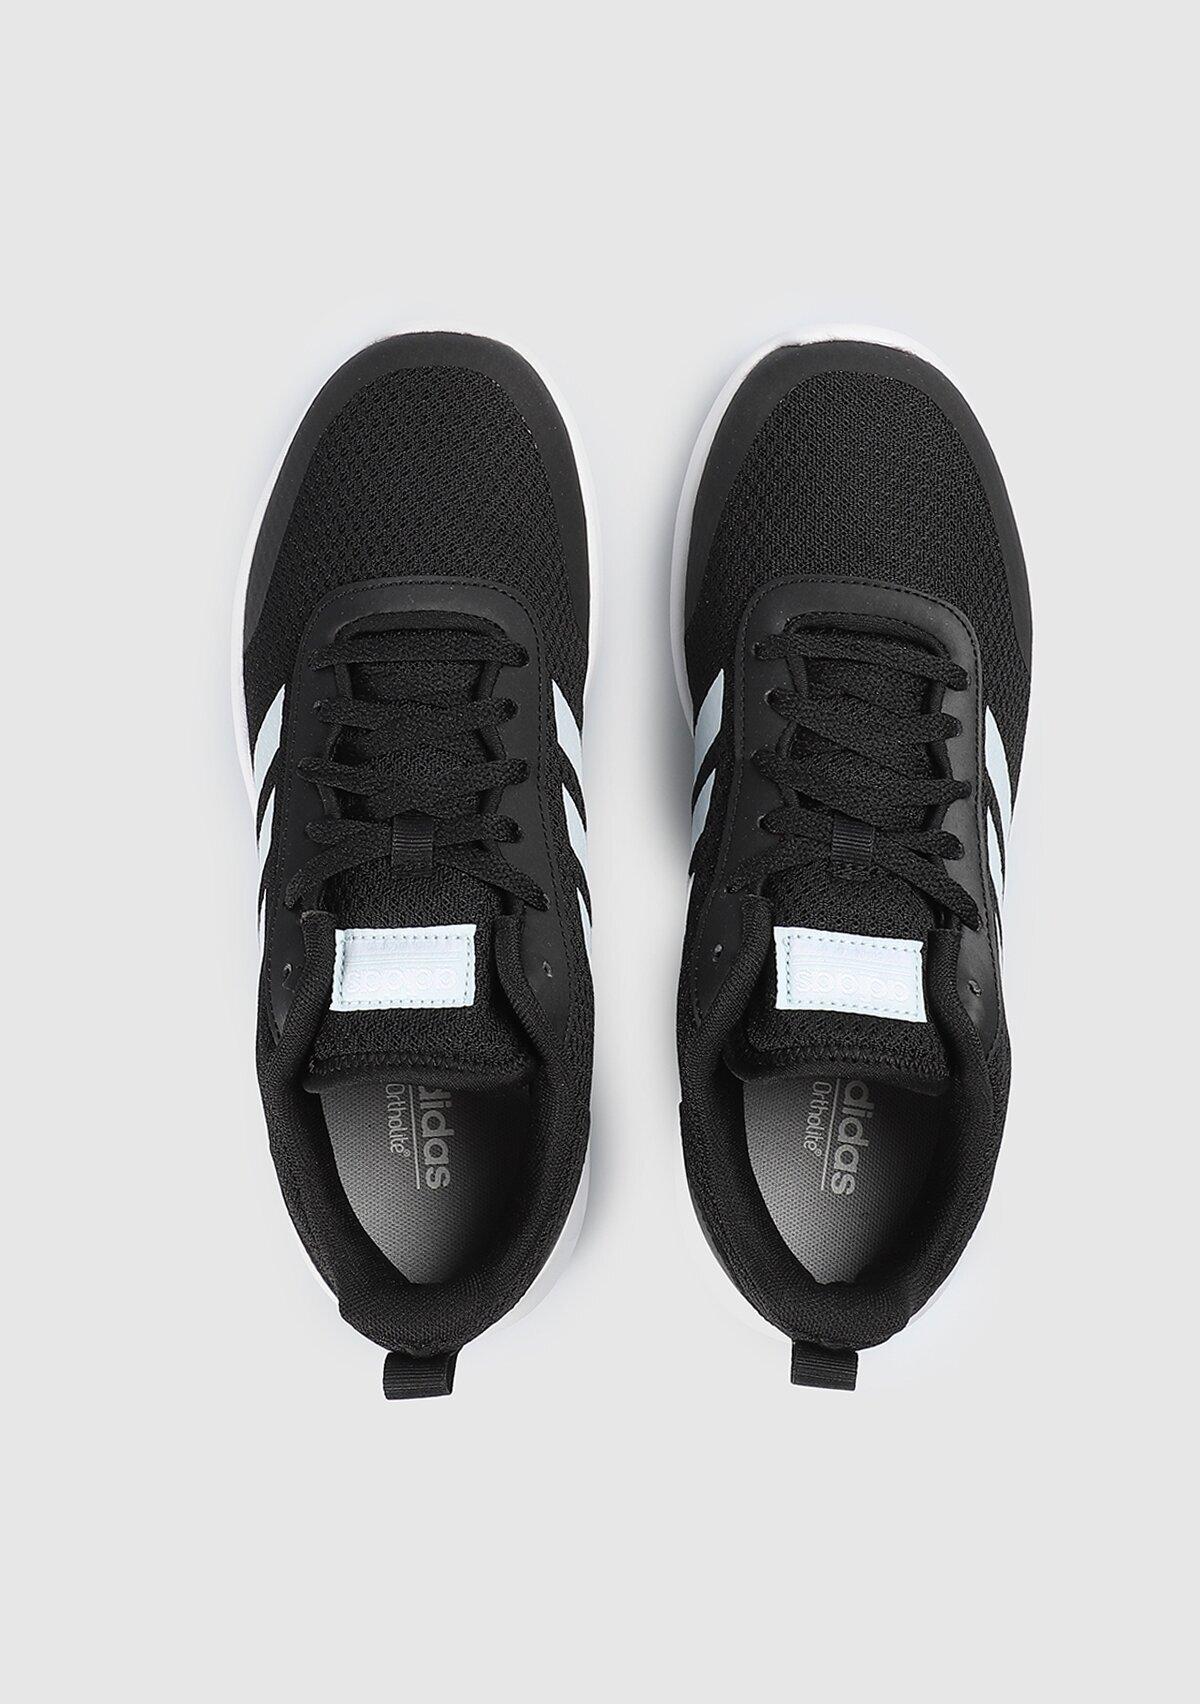 resm Argecy Siyah Kadın Koşu Ayakkabısı Fu7315